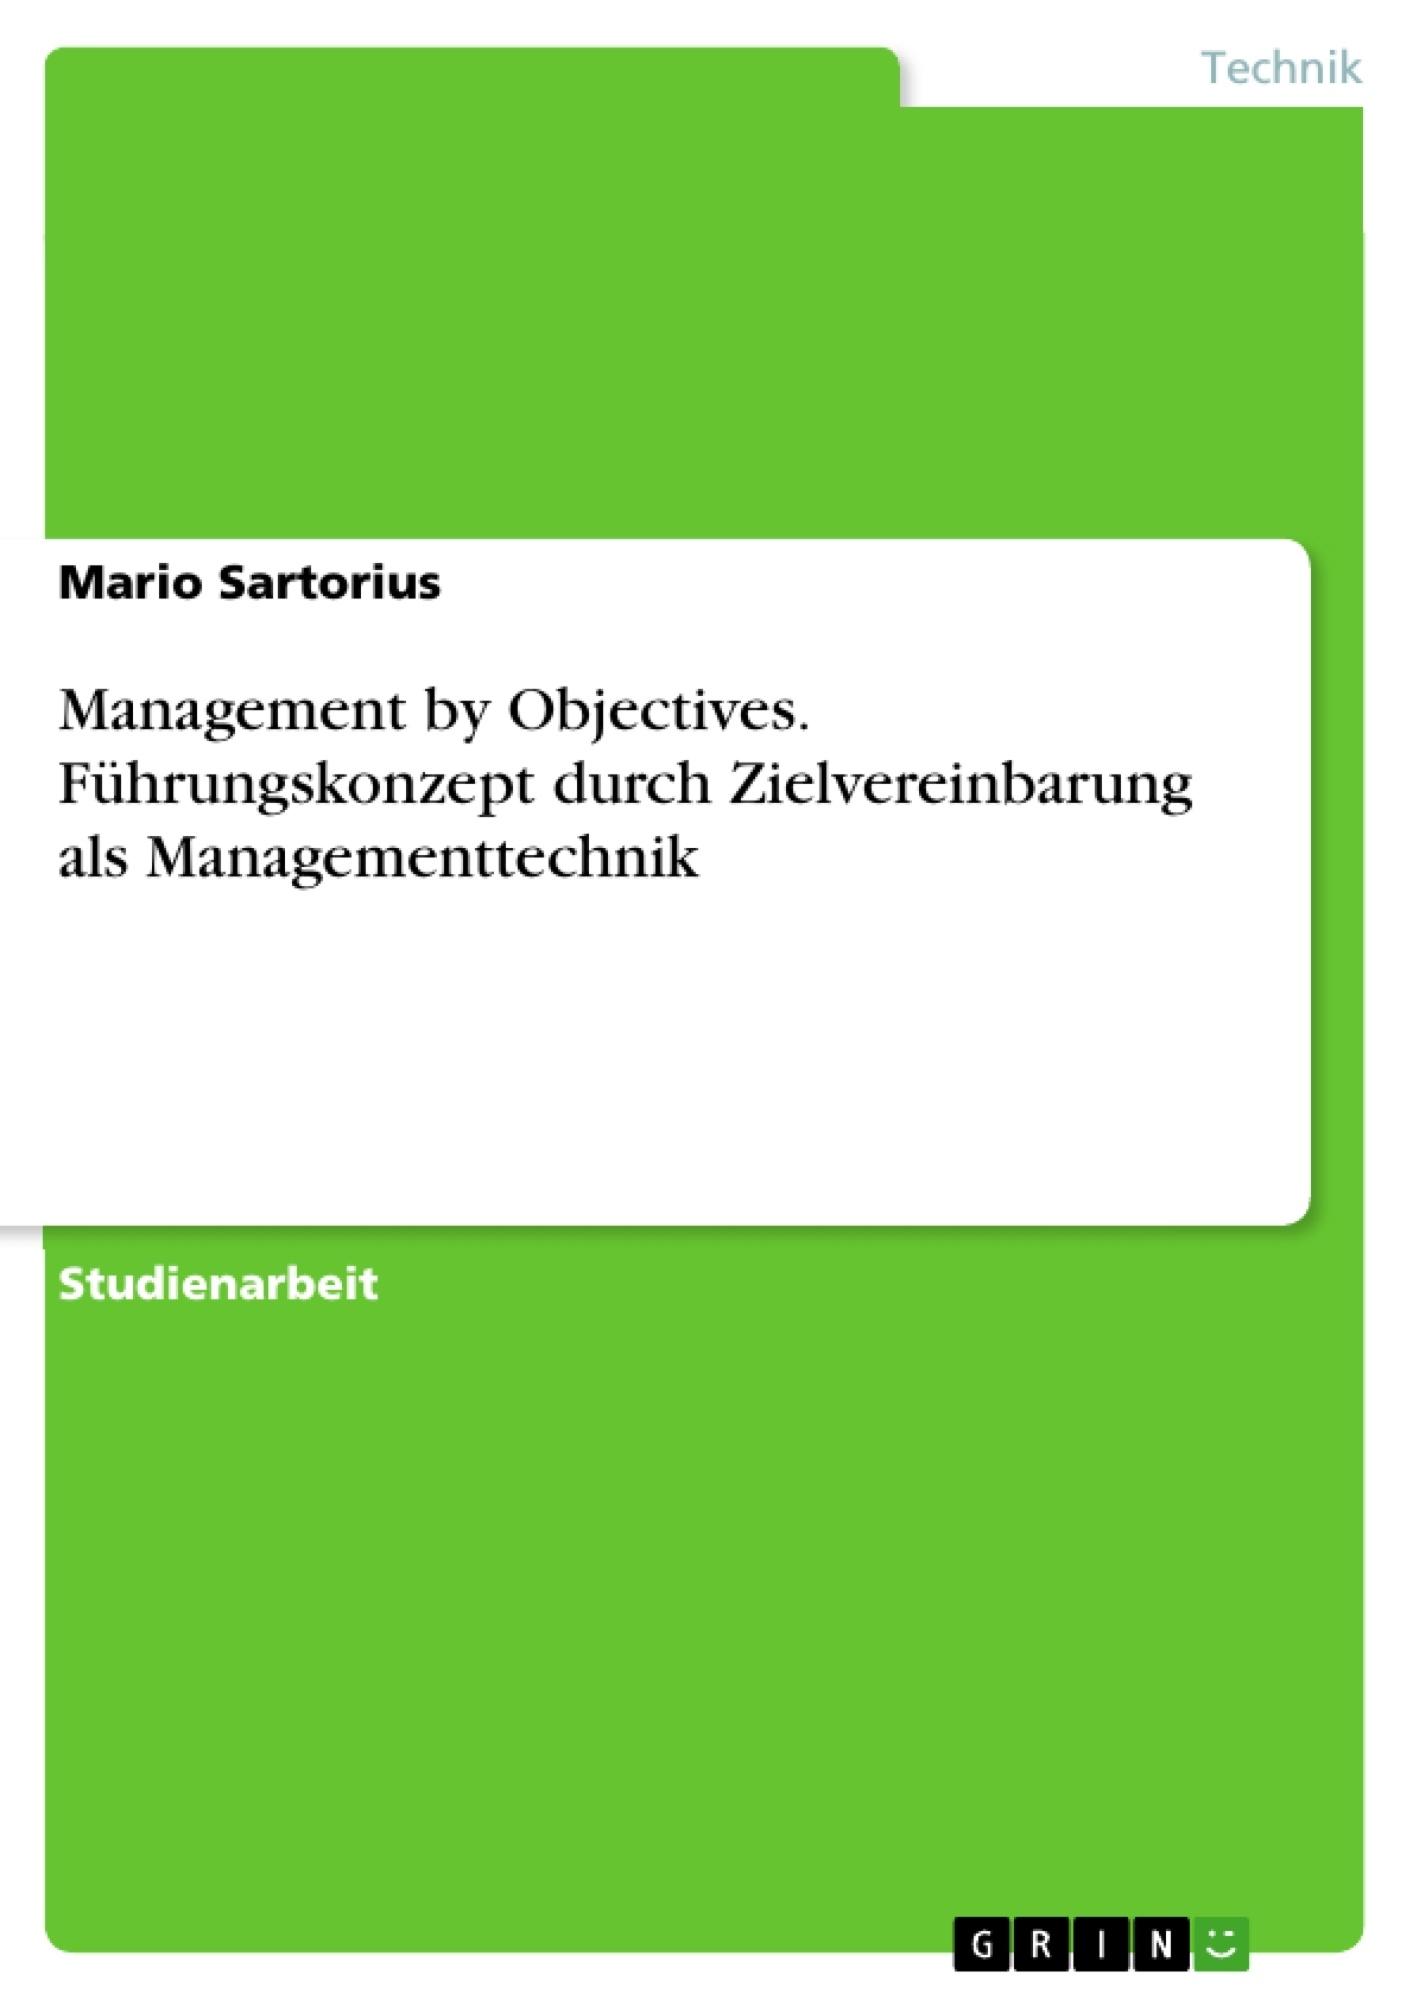 Titel: Management by Objectives. Führungskonzept durch Zielvereinbarung als Managementtechnik